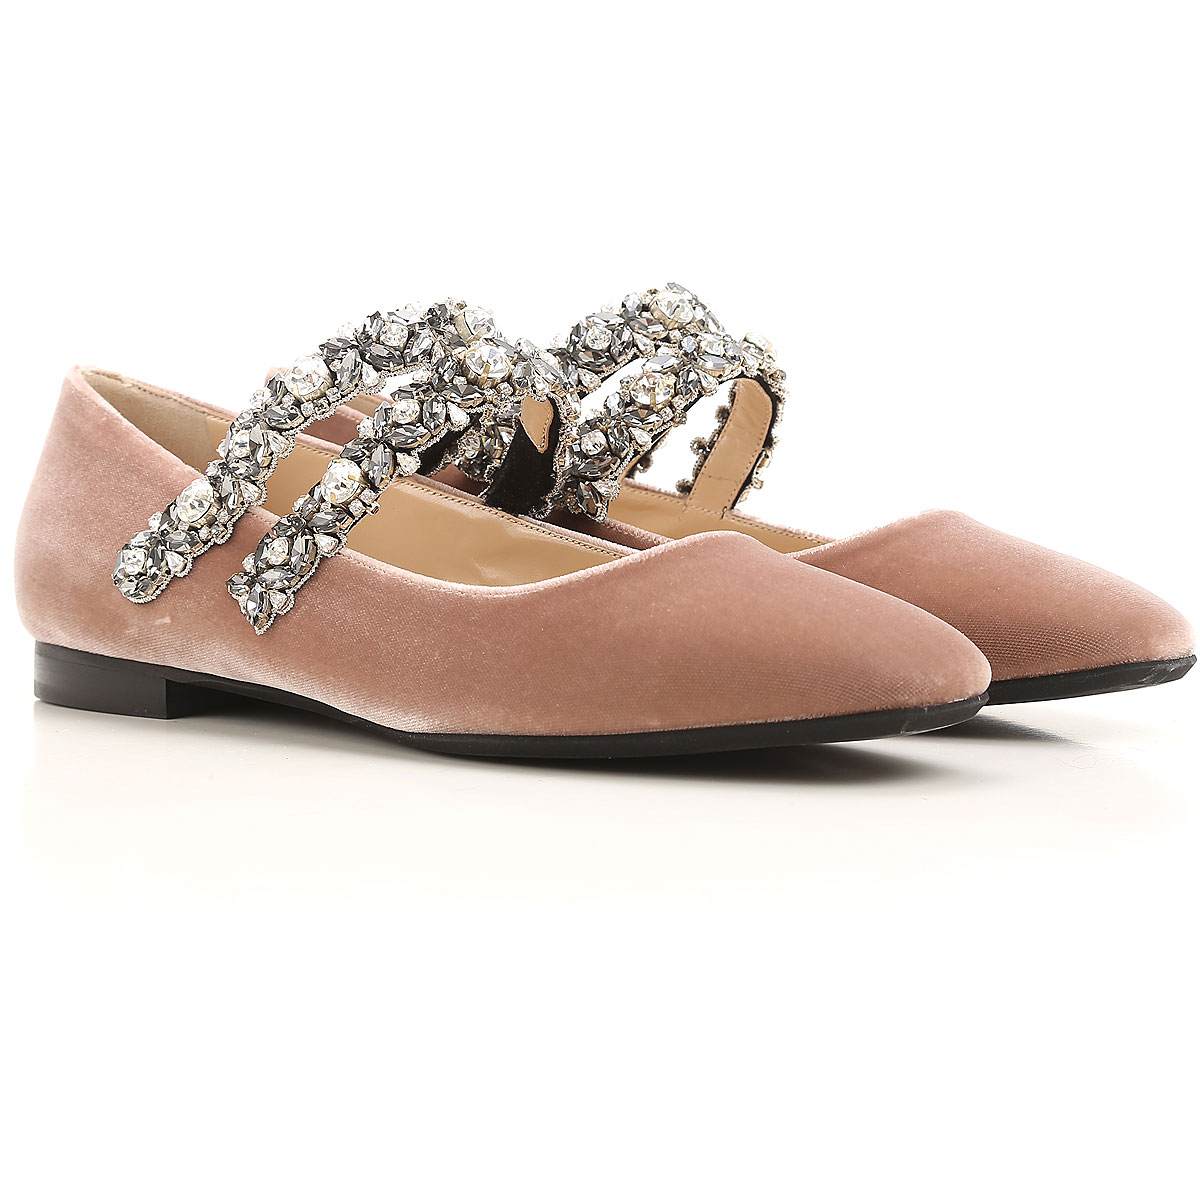 NO 21 Ballet Flats Ballerina Shoes for Women On Sale, Old Rose, Velvet, 2019, 10 11 6 8.5